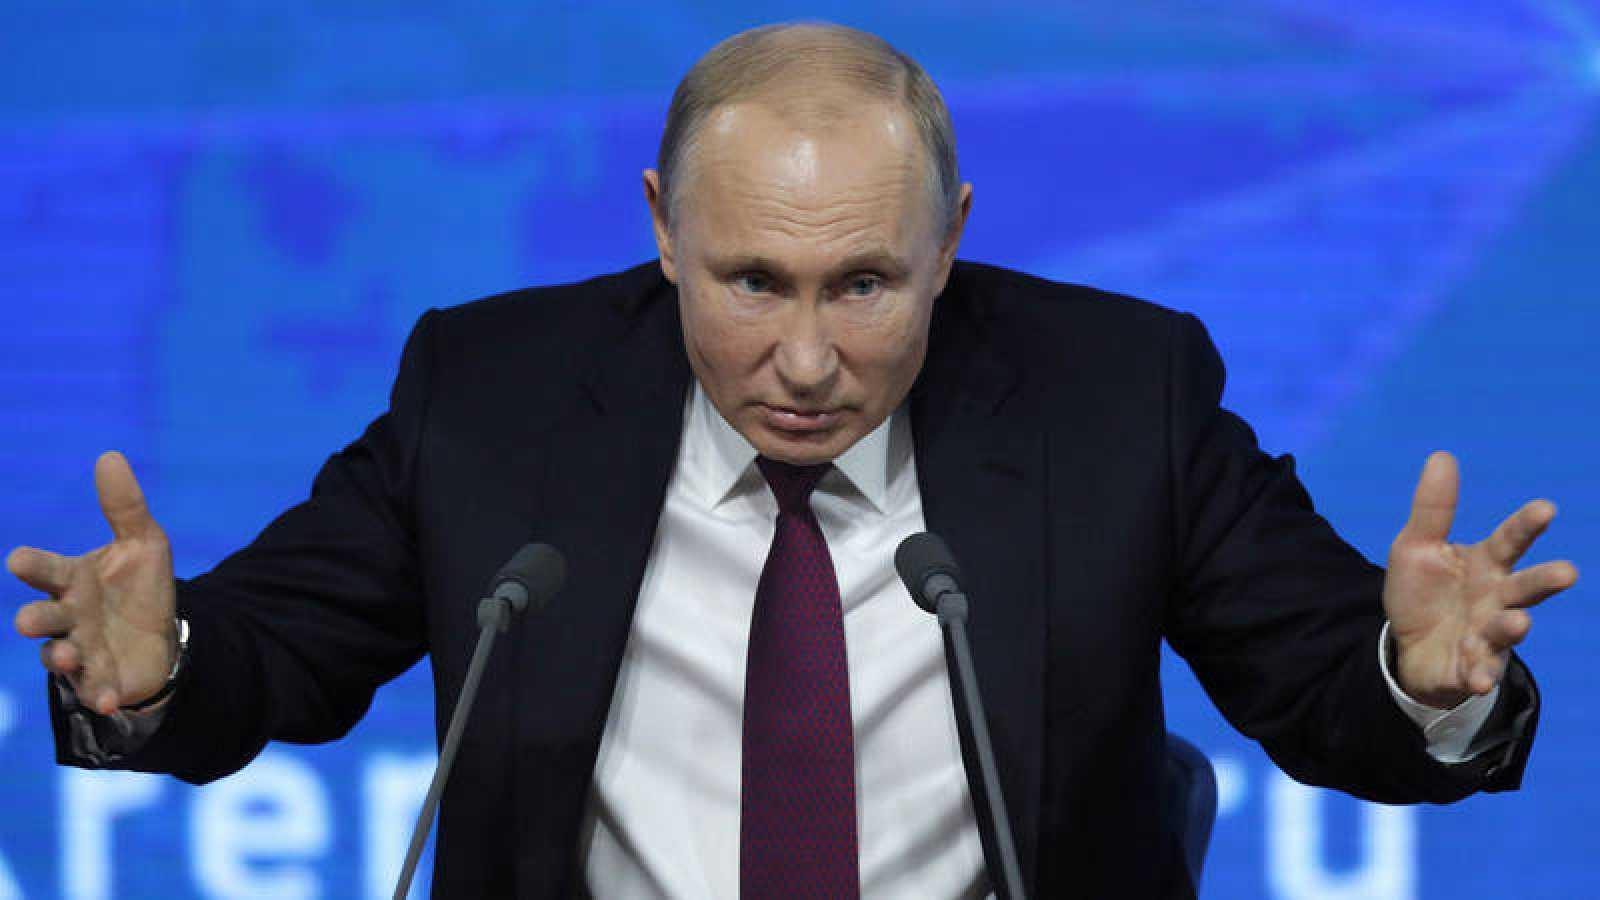 El presidente ruso, Vladímir Putin, ofrece su rueda de prensa anual en Moscú